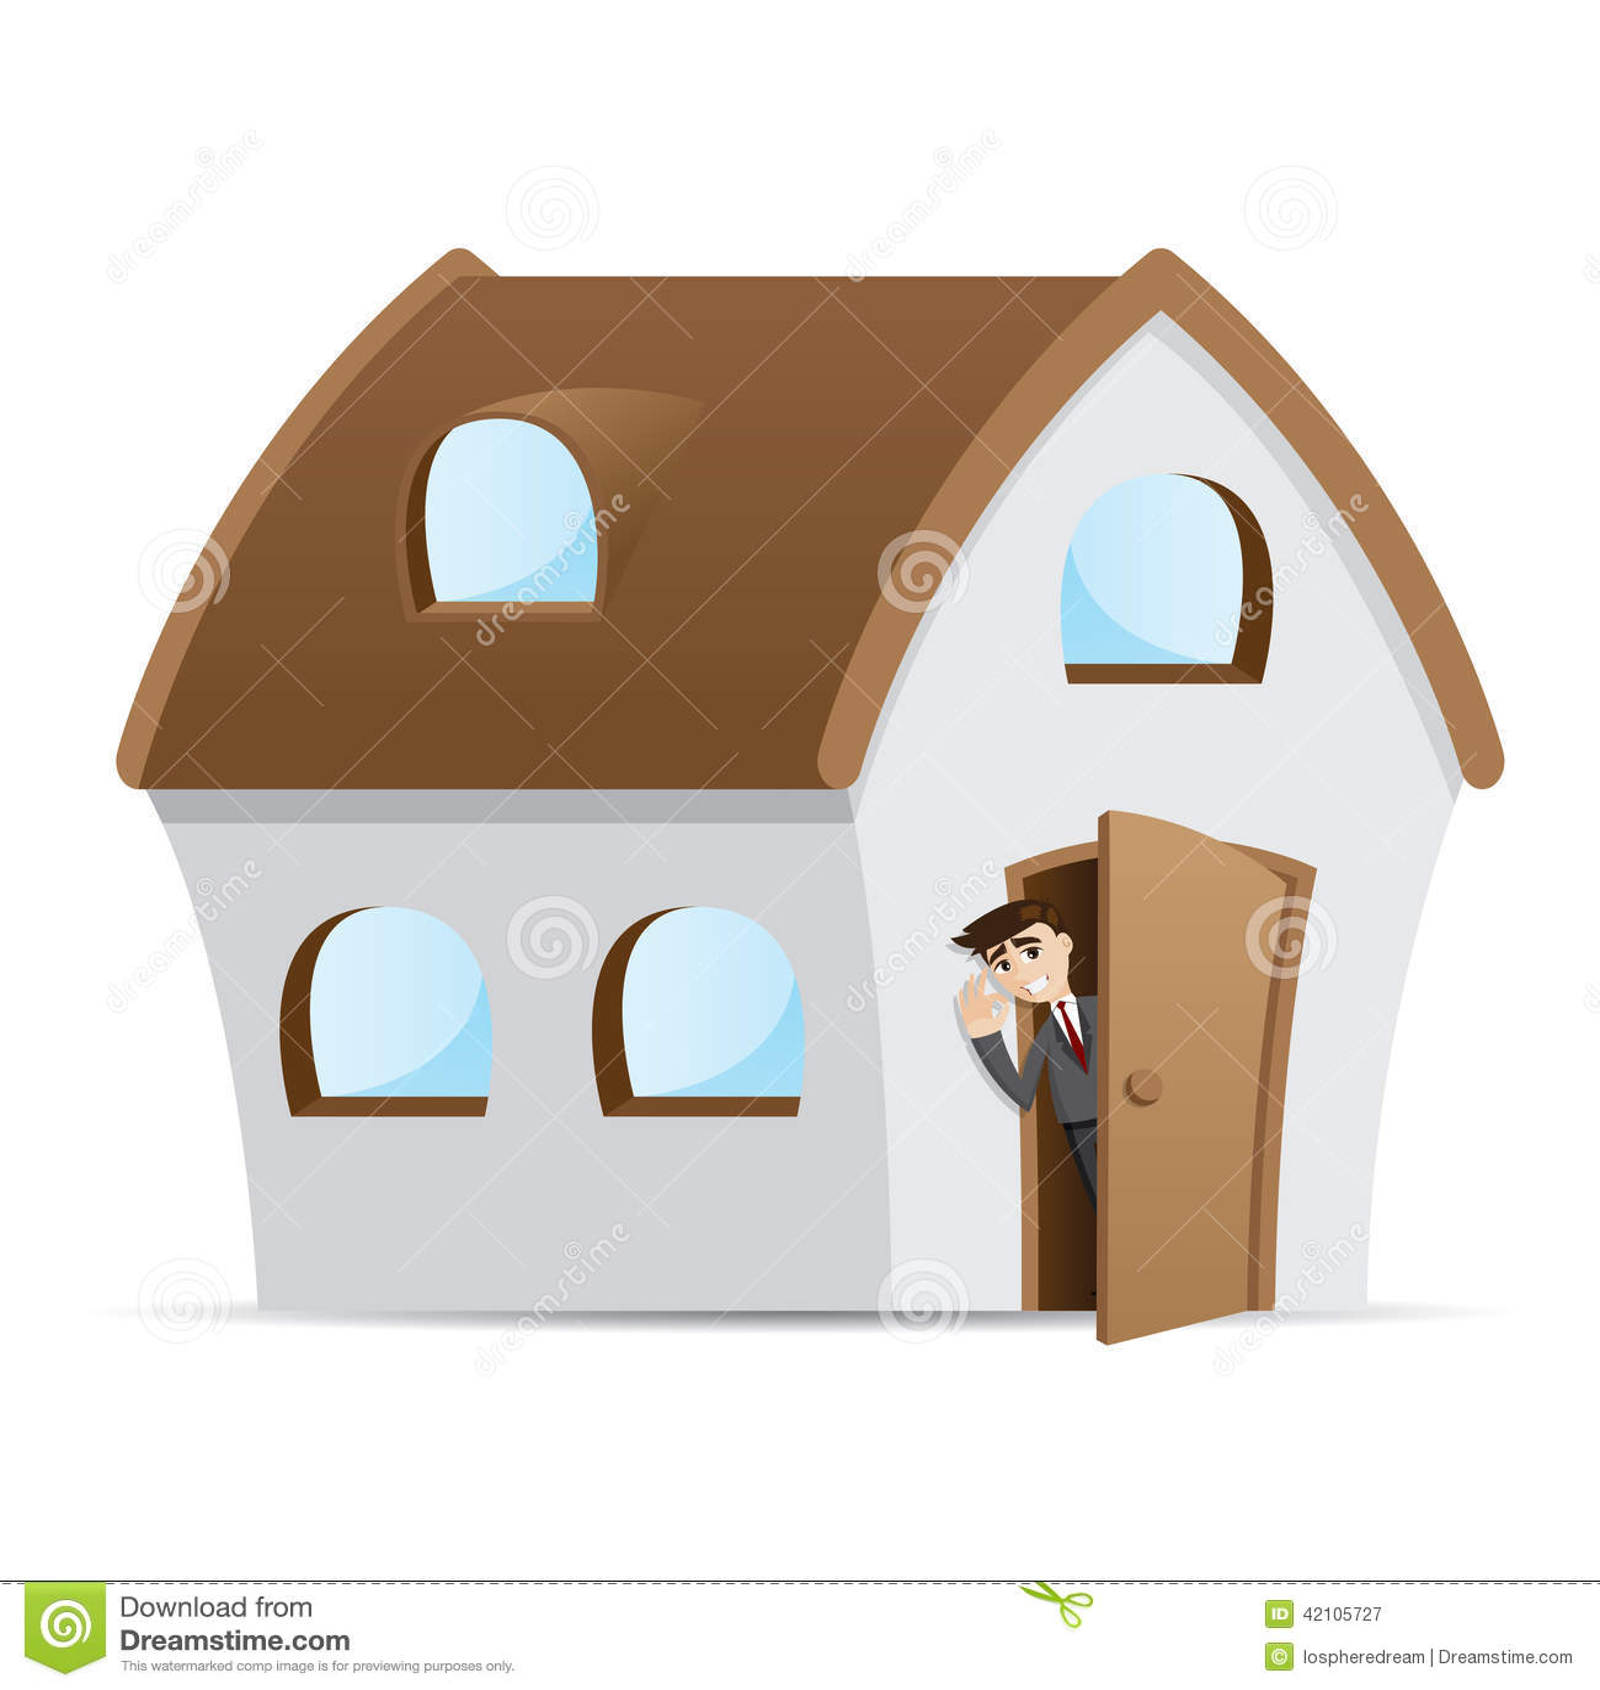 Cartoon Businessman Open House Door Stock Vector Illustration of